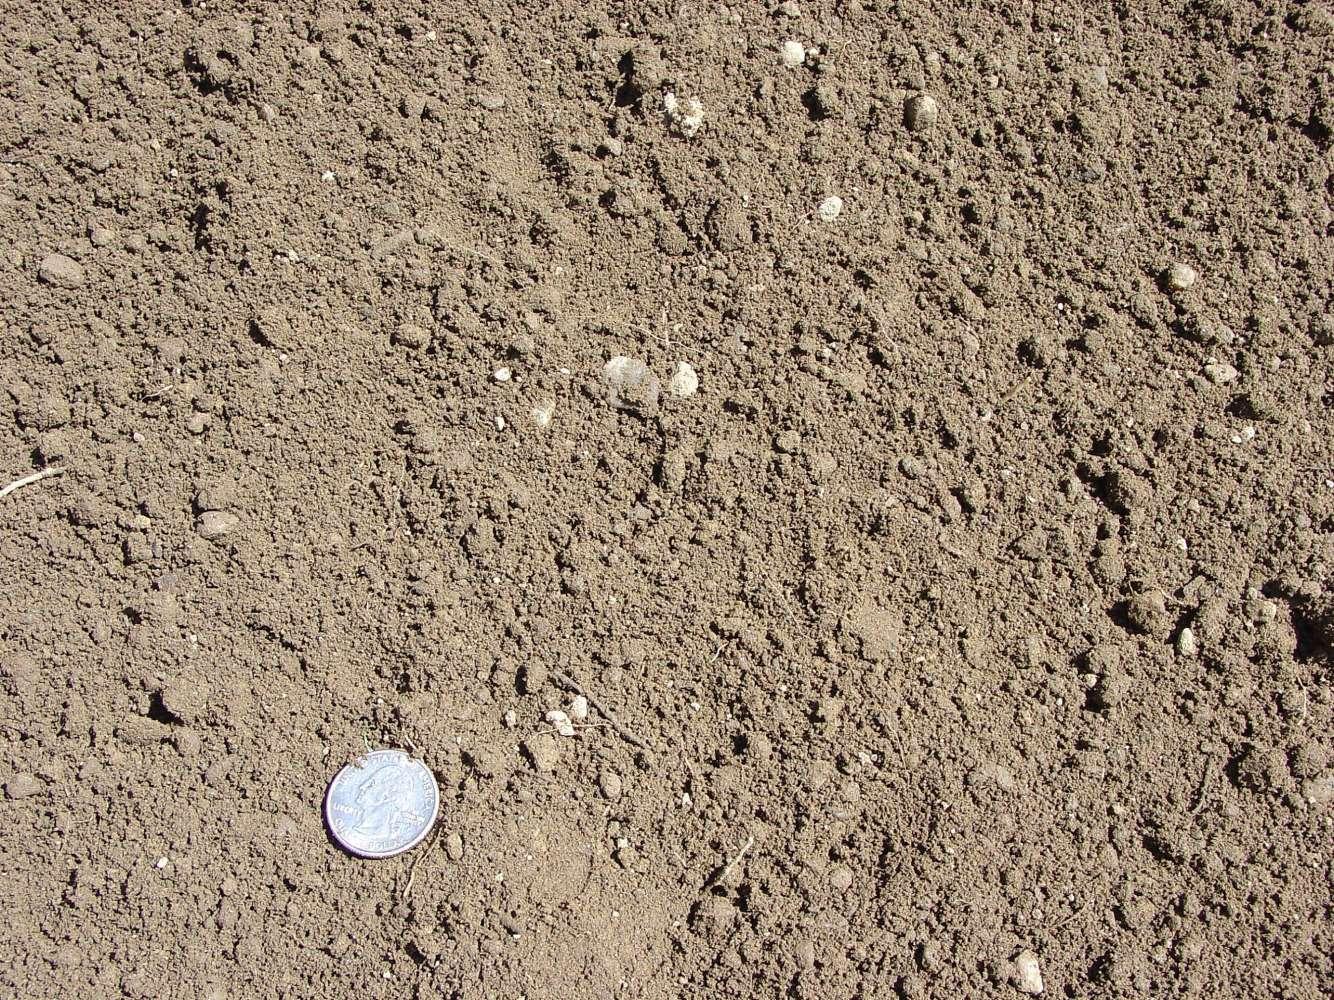 Top Soil / Loam